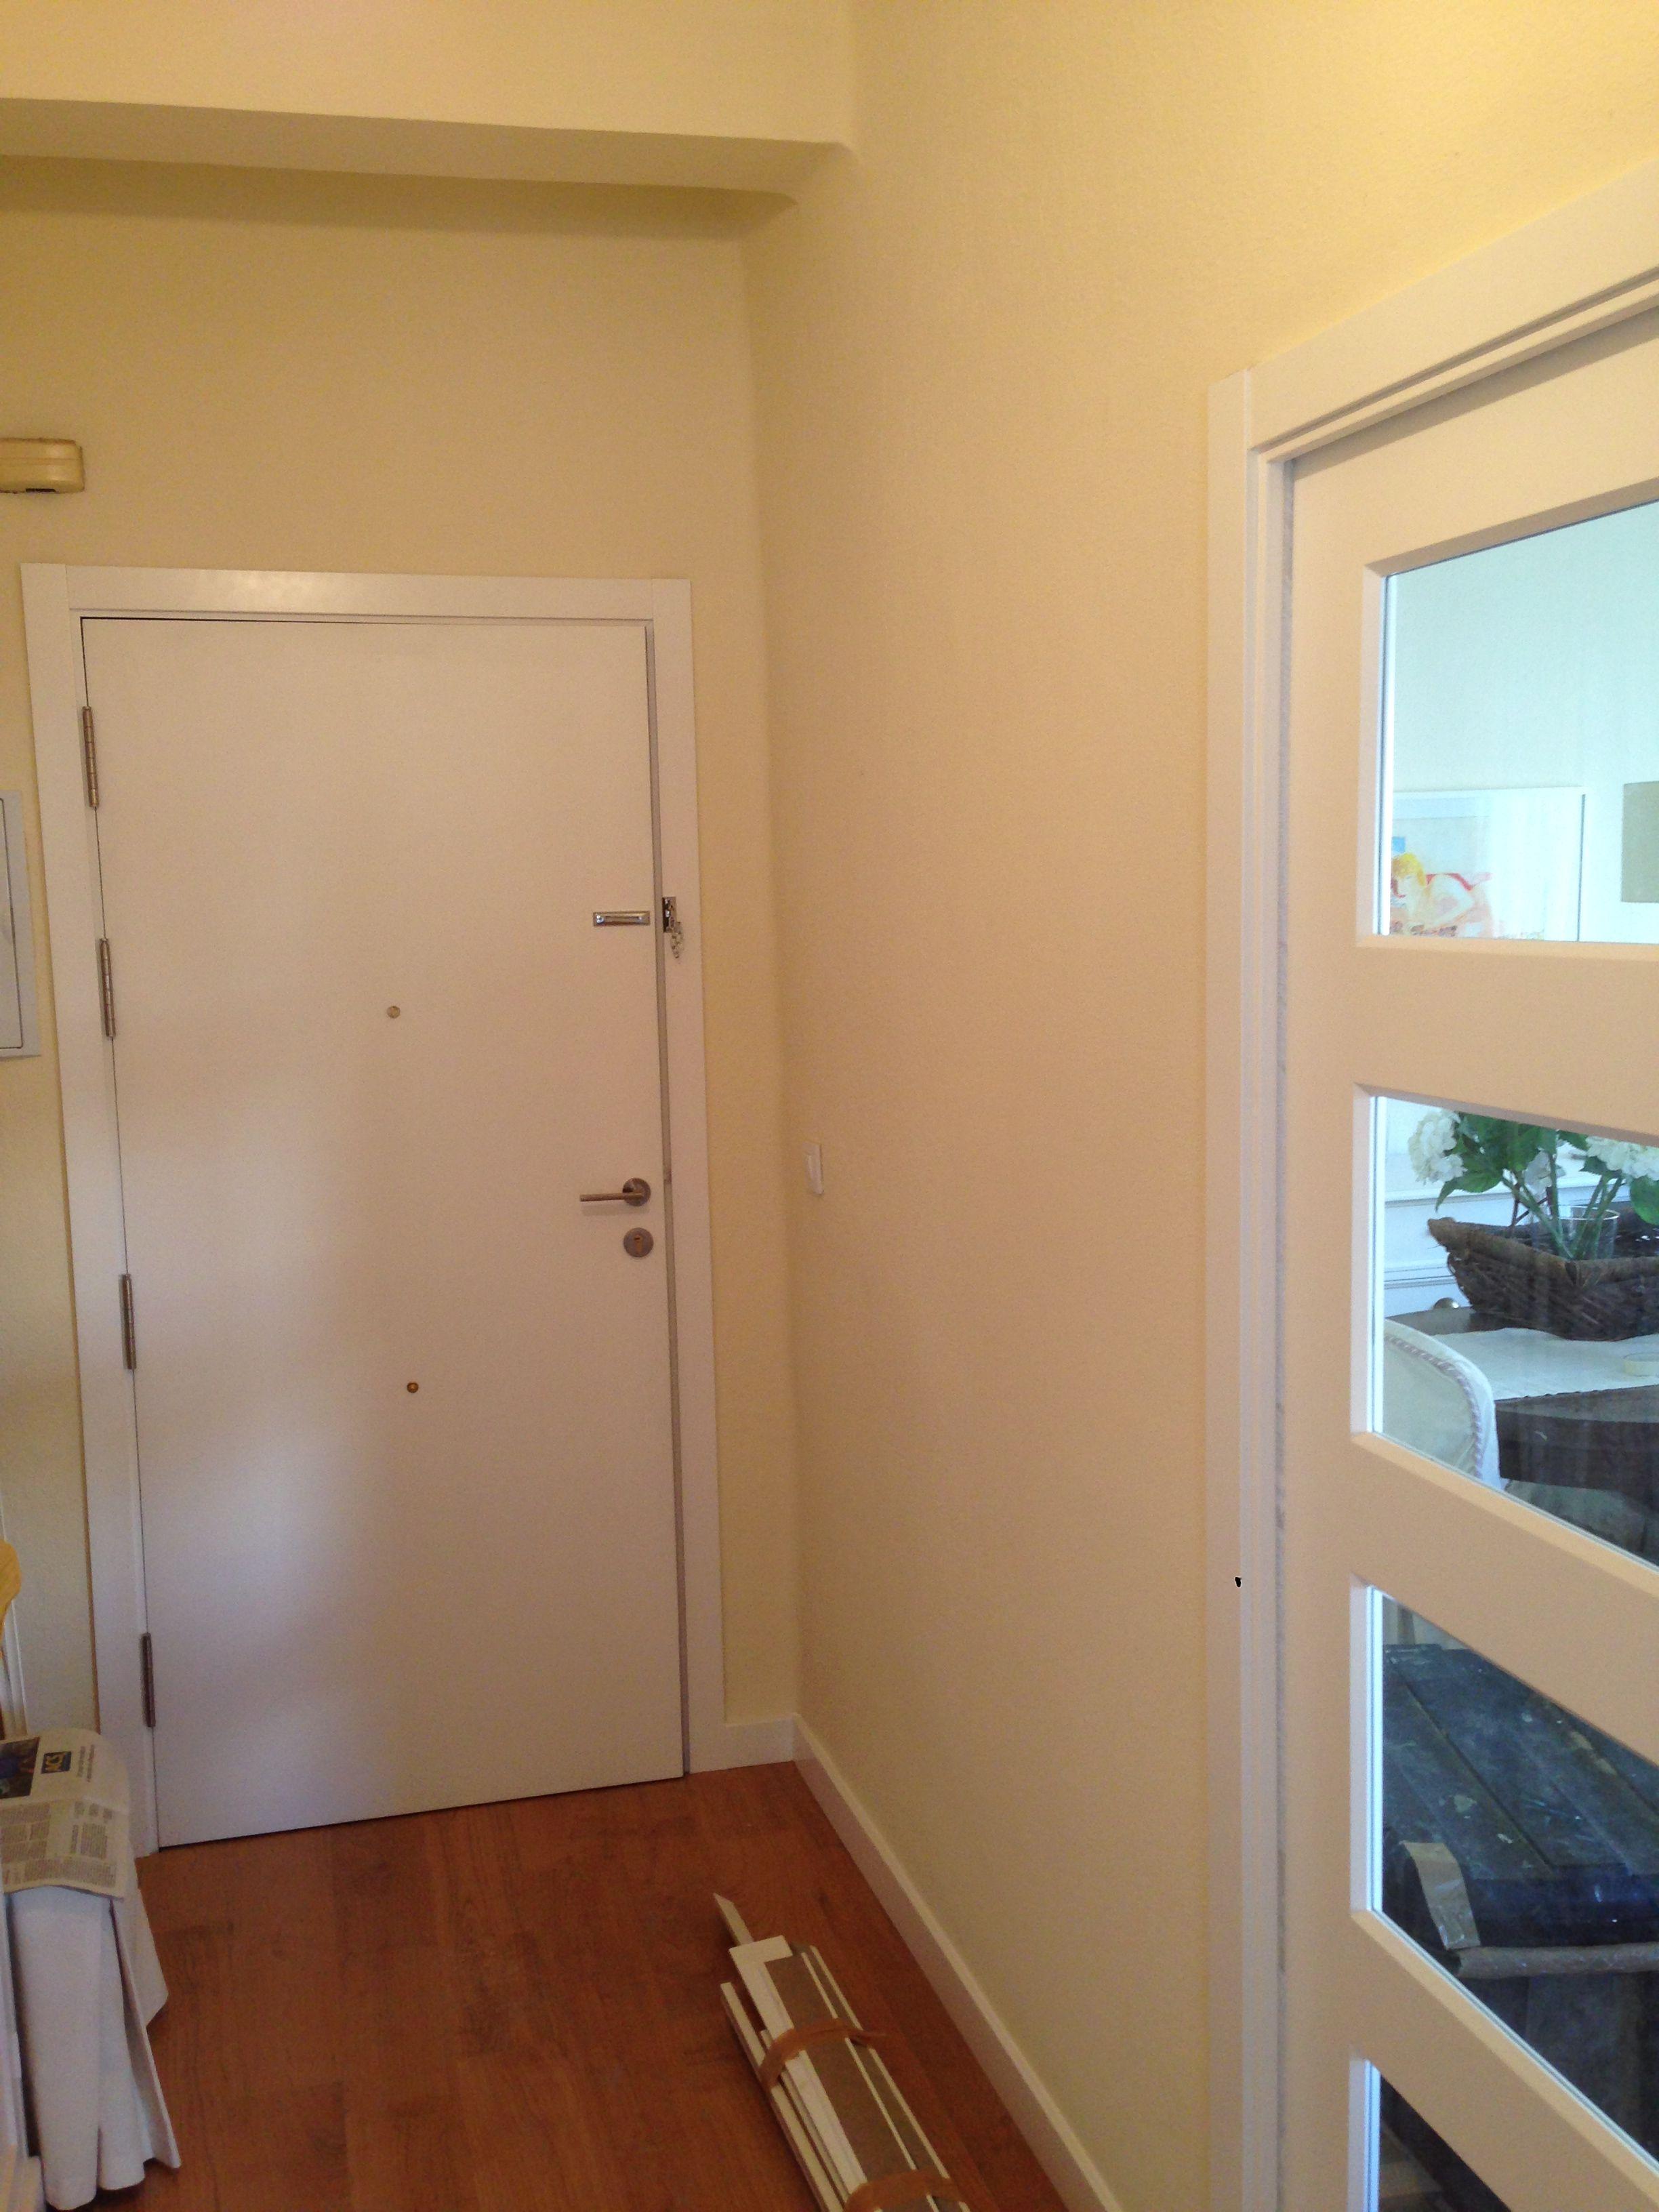 Precios puertas interior instaladas perfect puertas de - Precio puerta blindada instalada ...